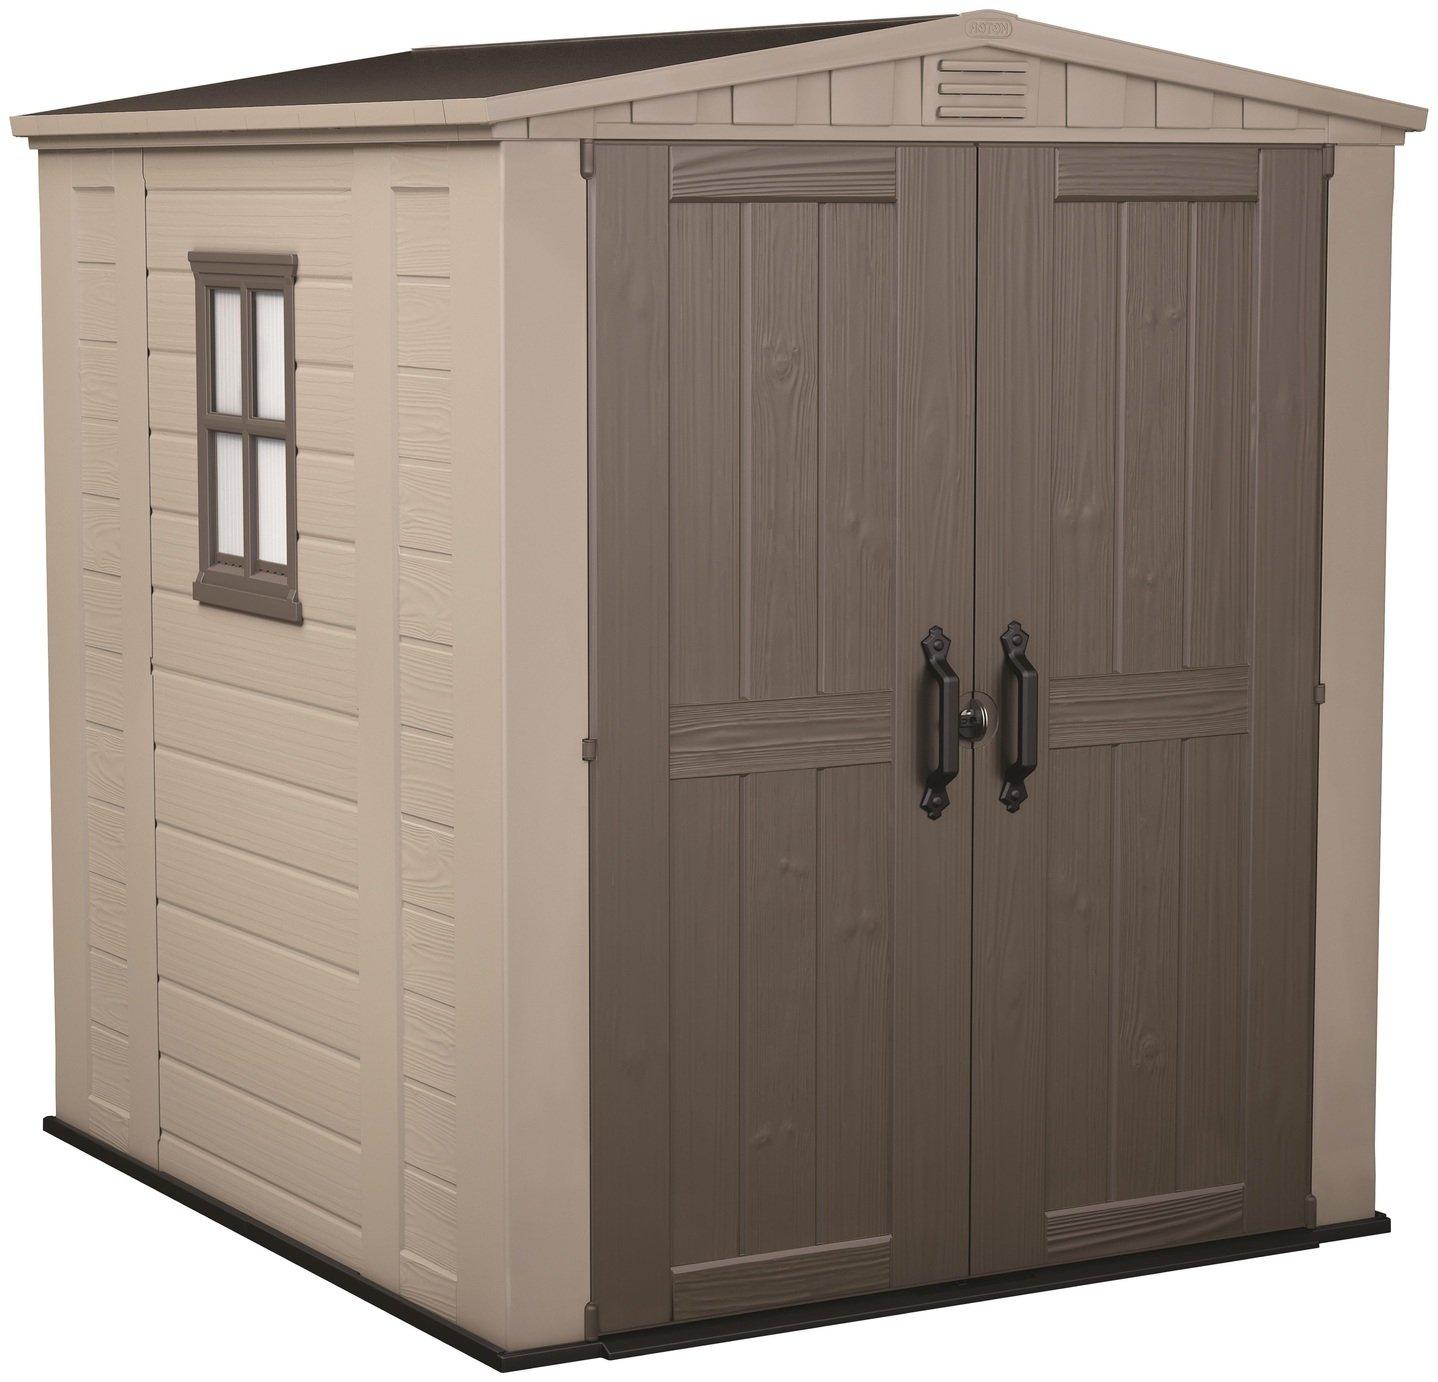 Garden Sheds Nottingham buy keter apex plastic beige & brown garden shed - 6 x 6ft at